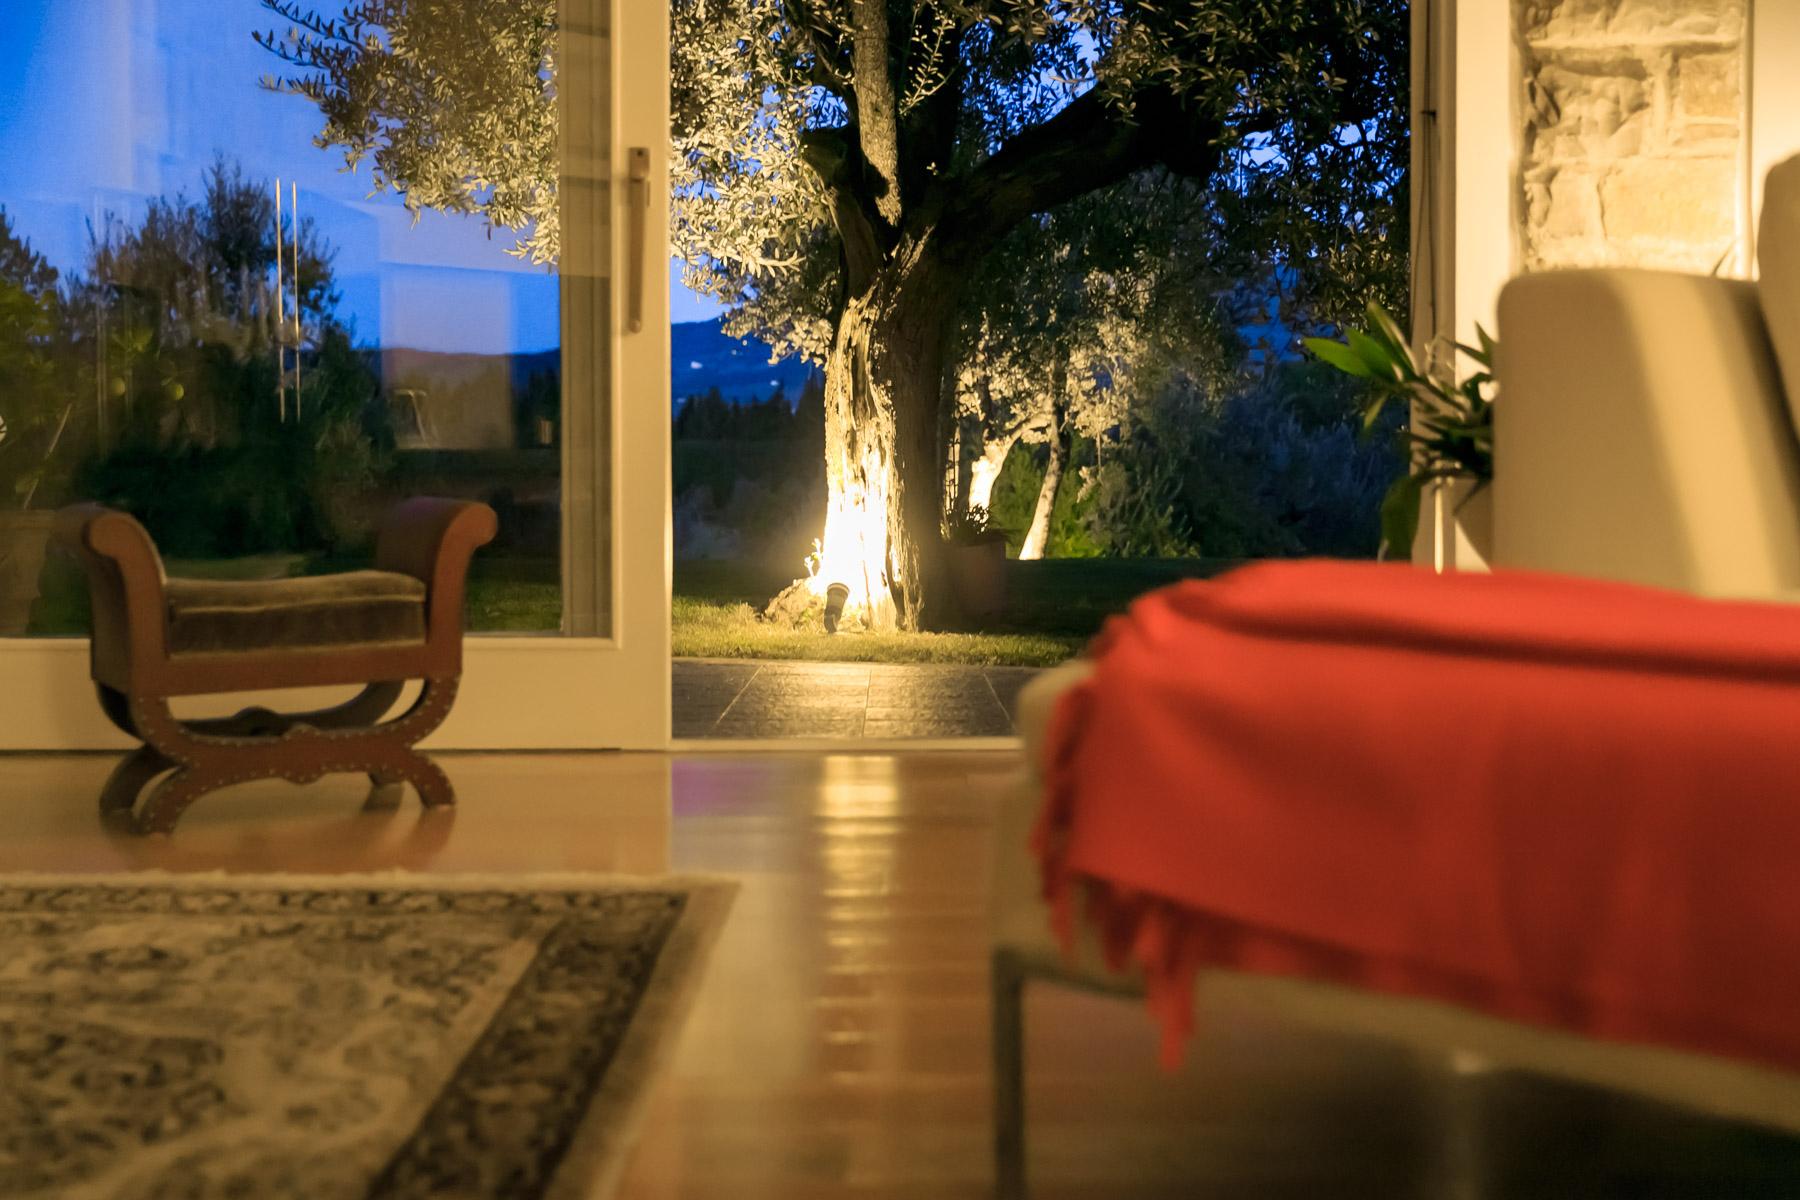 Casa indipendente in Vendita a Impruneta: 5 locali, 300 mq - Foto 3